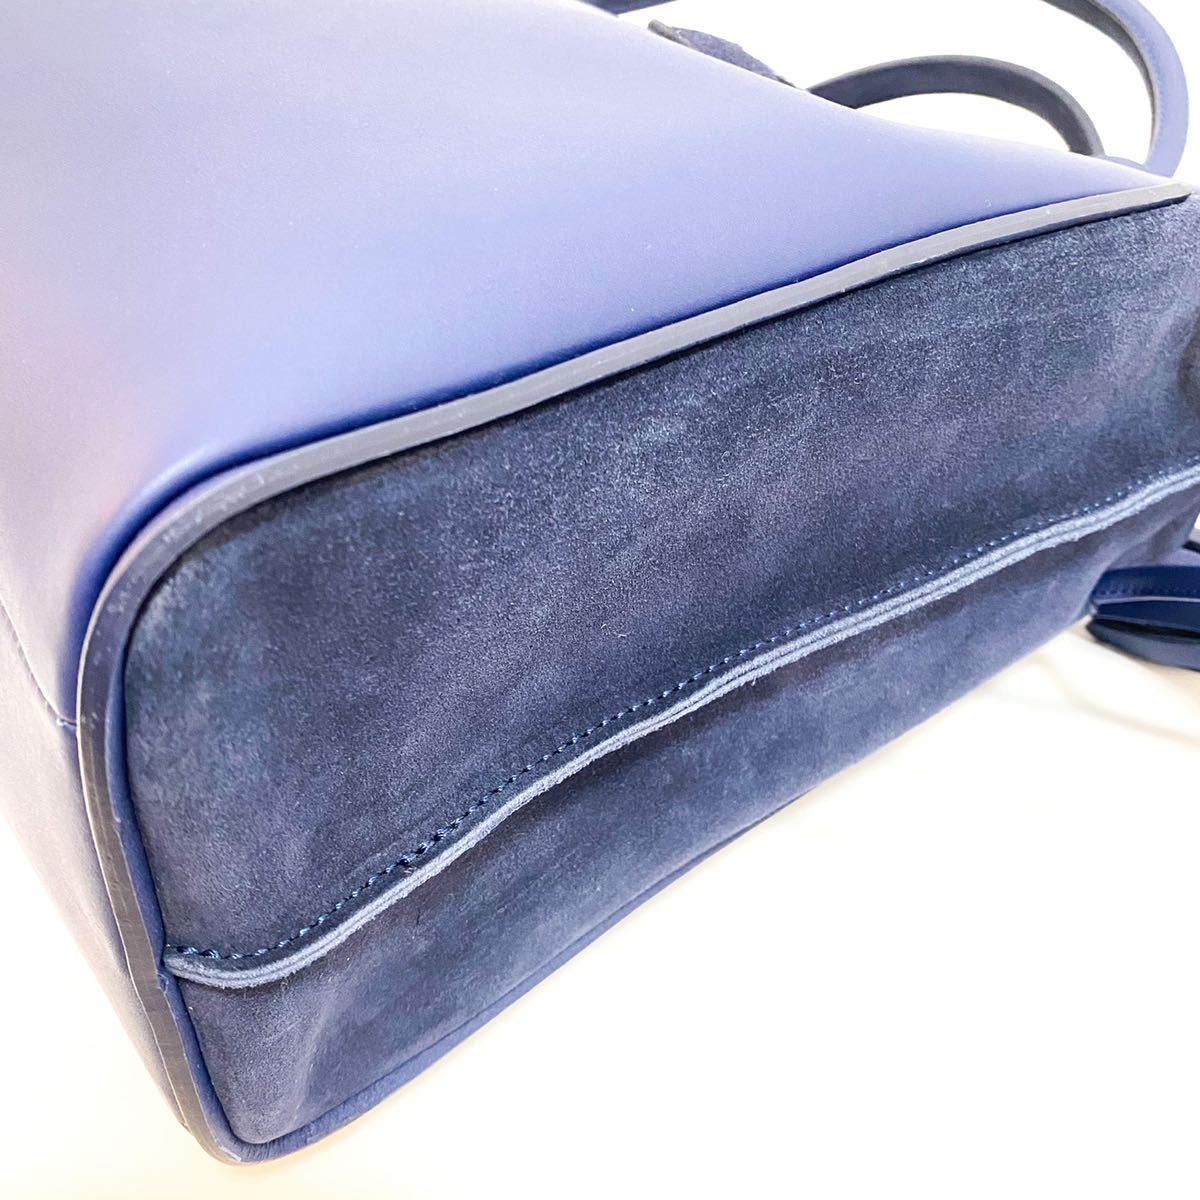 【新品未使用】 ロンシャン ペネロペ ファンテジーM トートバッグ ショルダーバッグ ハンドバッグ LONG CHAMP プリアージュ_画像4